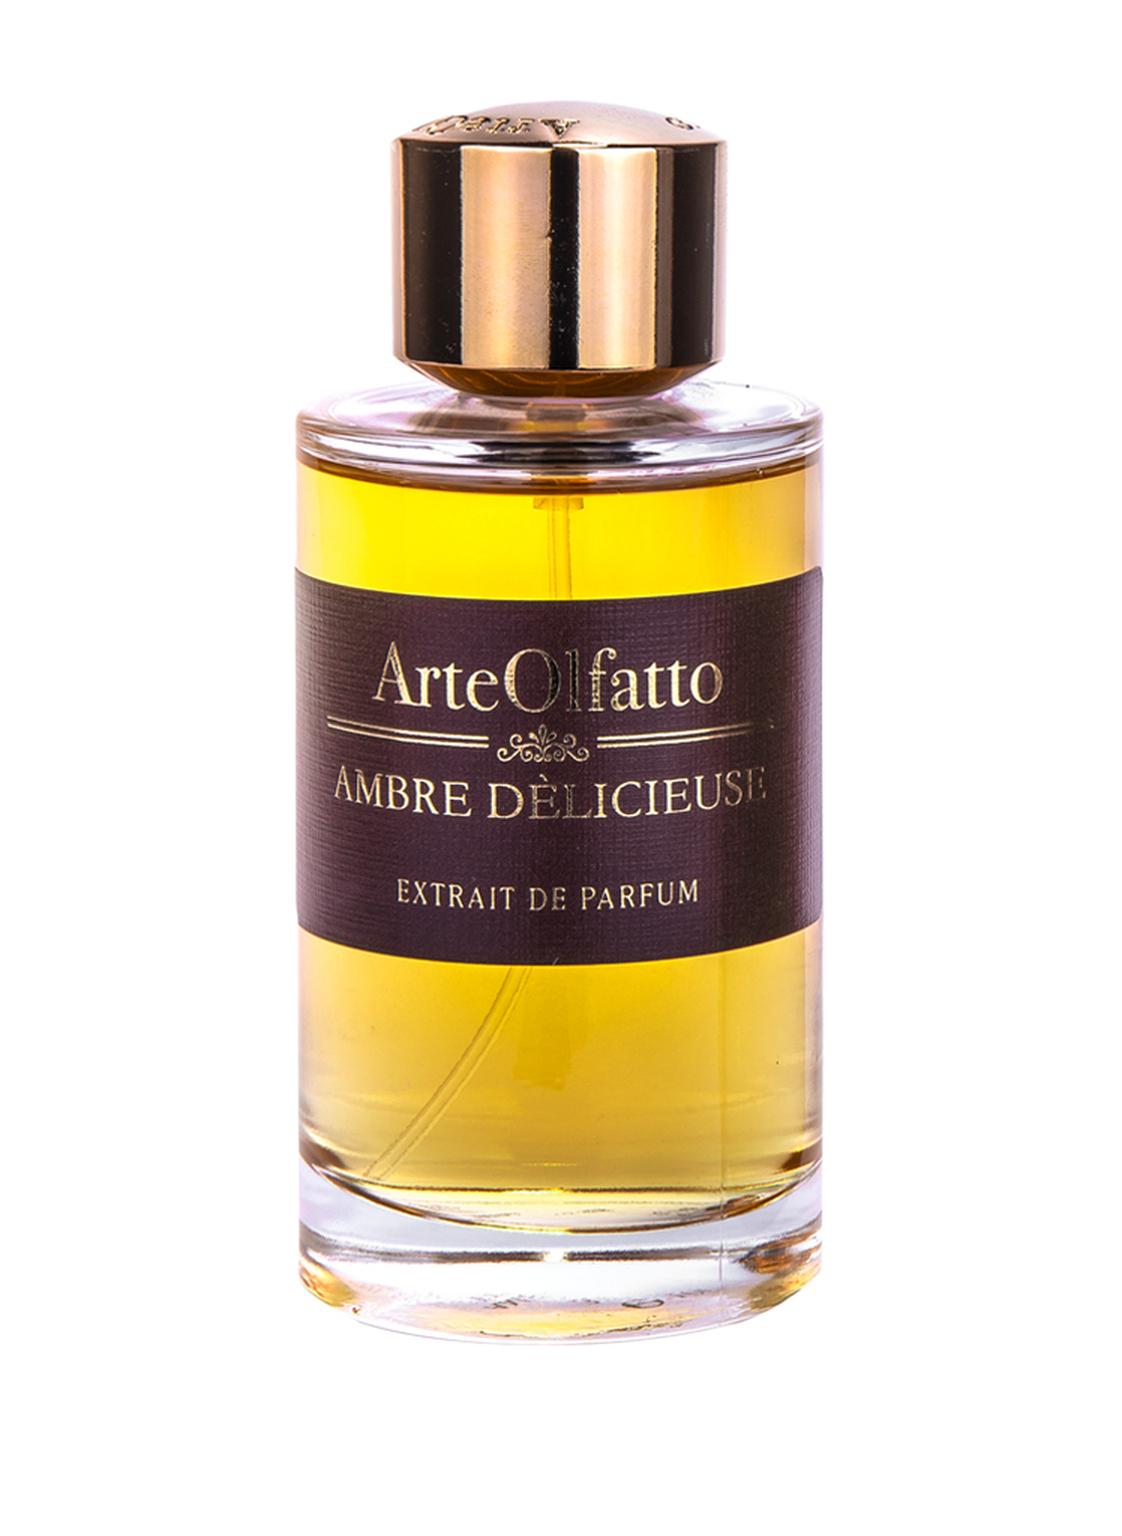 Image of Arte Olfatto Ambre Dèlicieuse Eau de Parfum 100 ml